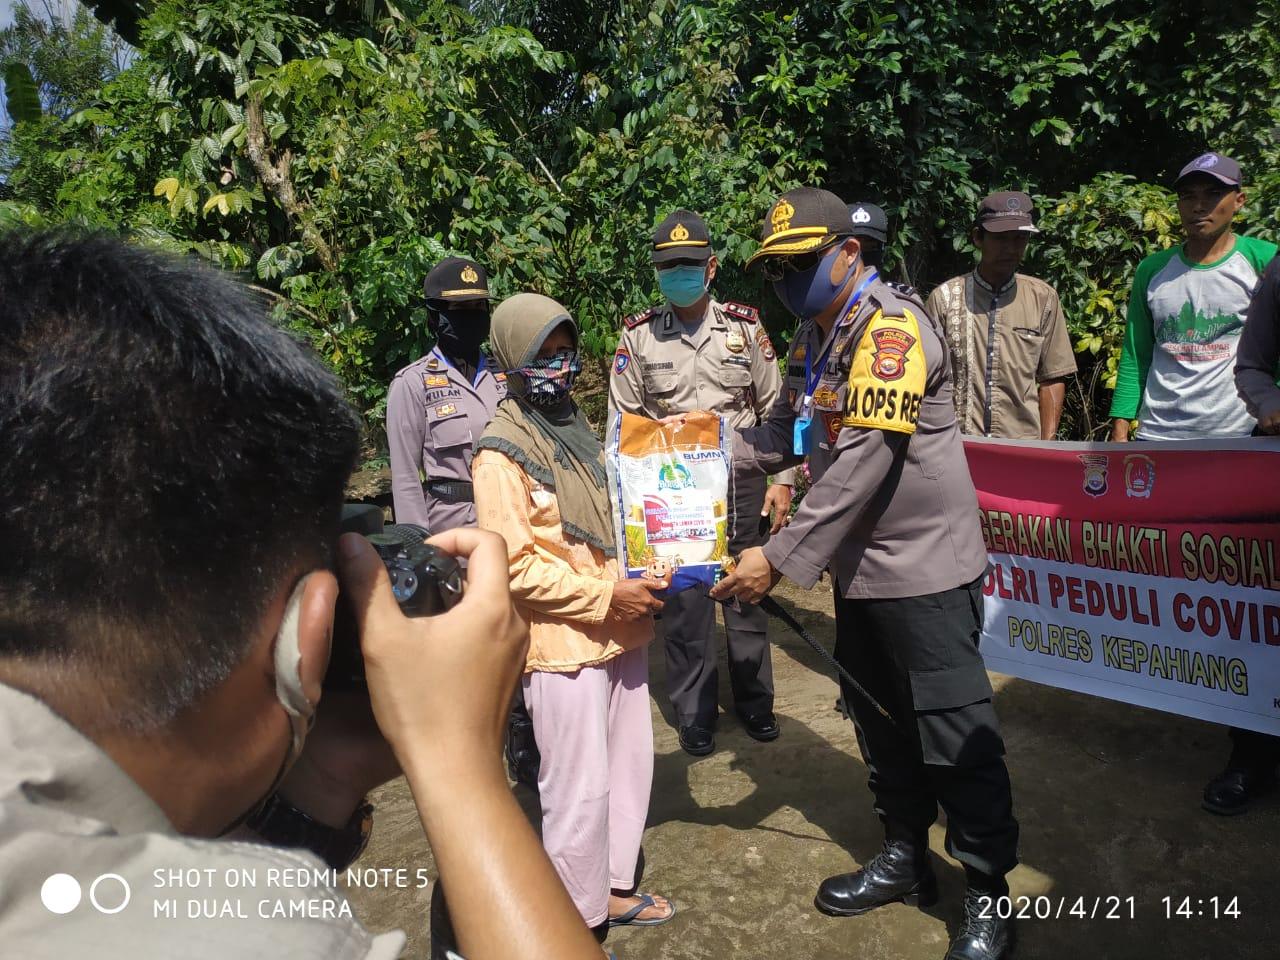 Polres Kepahiang Bakti Sosial Di Desa Batu Ampar